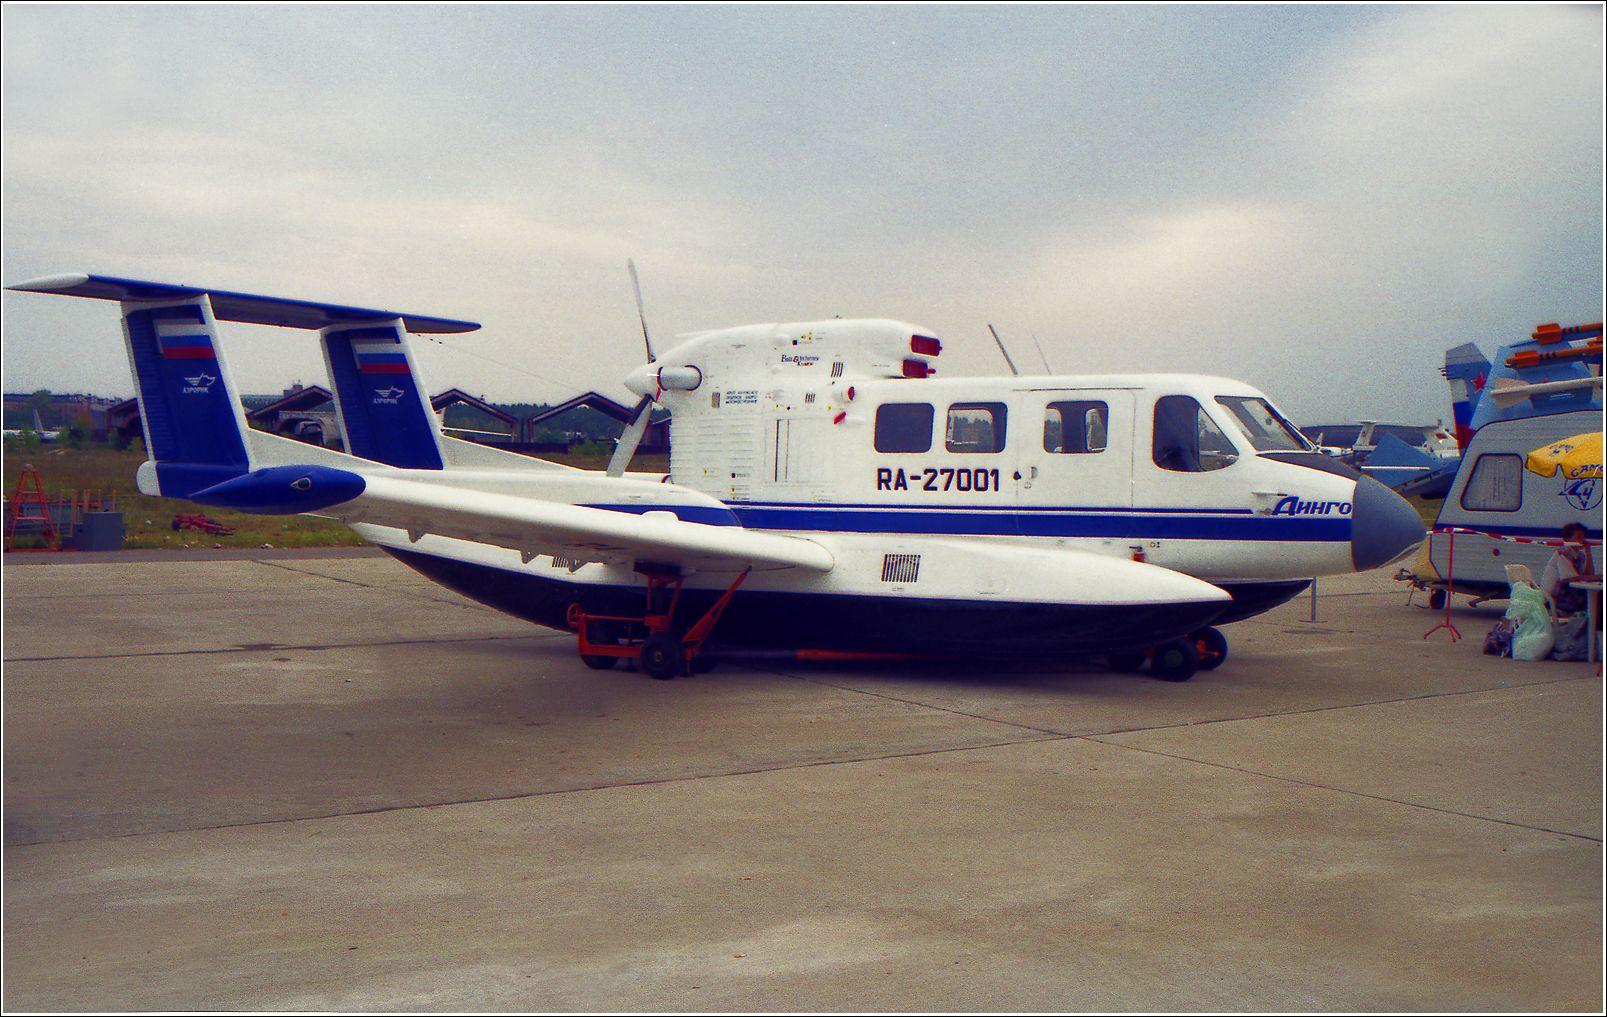 Динго, 1995 год Динго авиация самолет стоянка Жуковский 1995